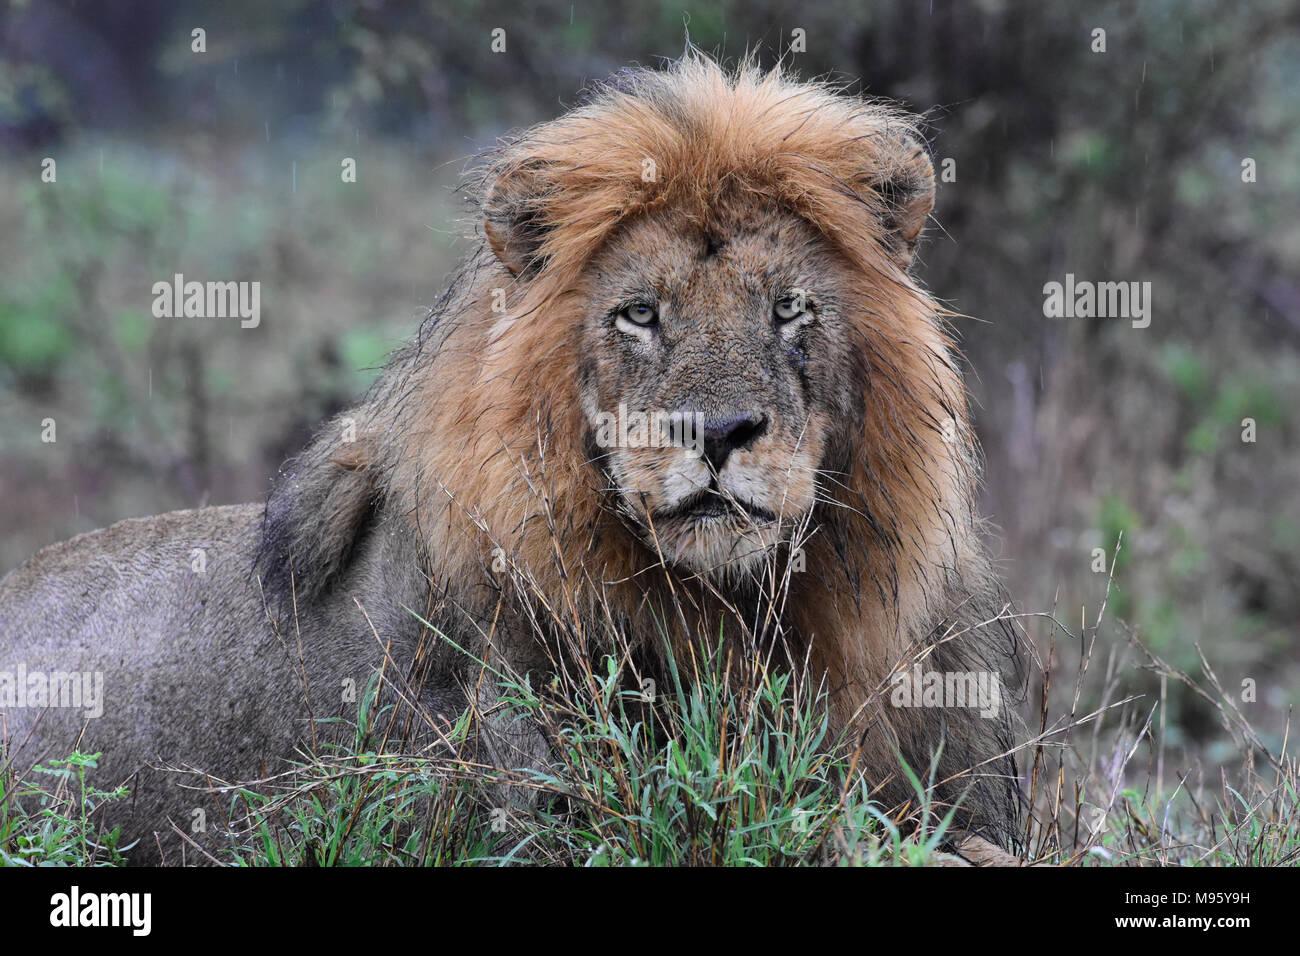 Sudáfrica es un destino turístico muy popular por su mezcla de verdaderas experiencias europeas y africanas. Kruger Park es famosa en todo el mundo. León macho mojado. Imagen De Stock